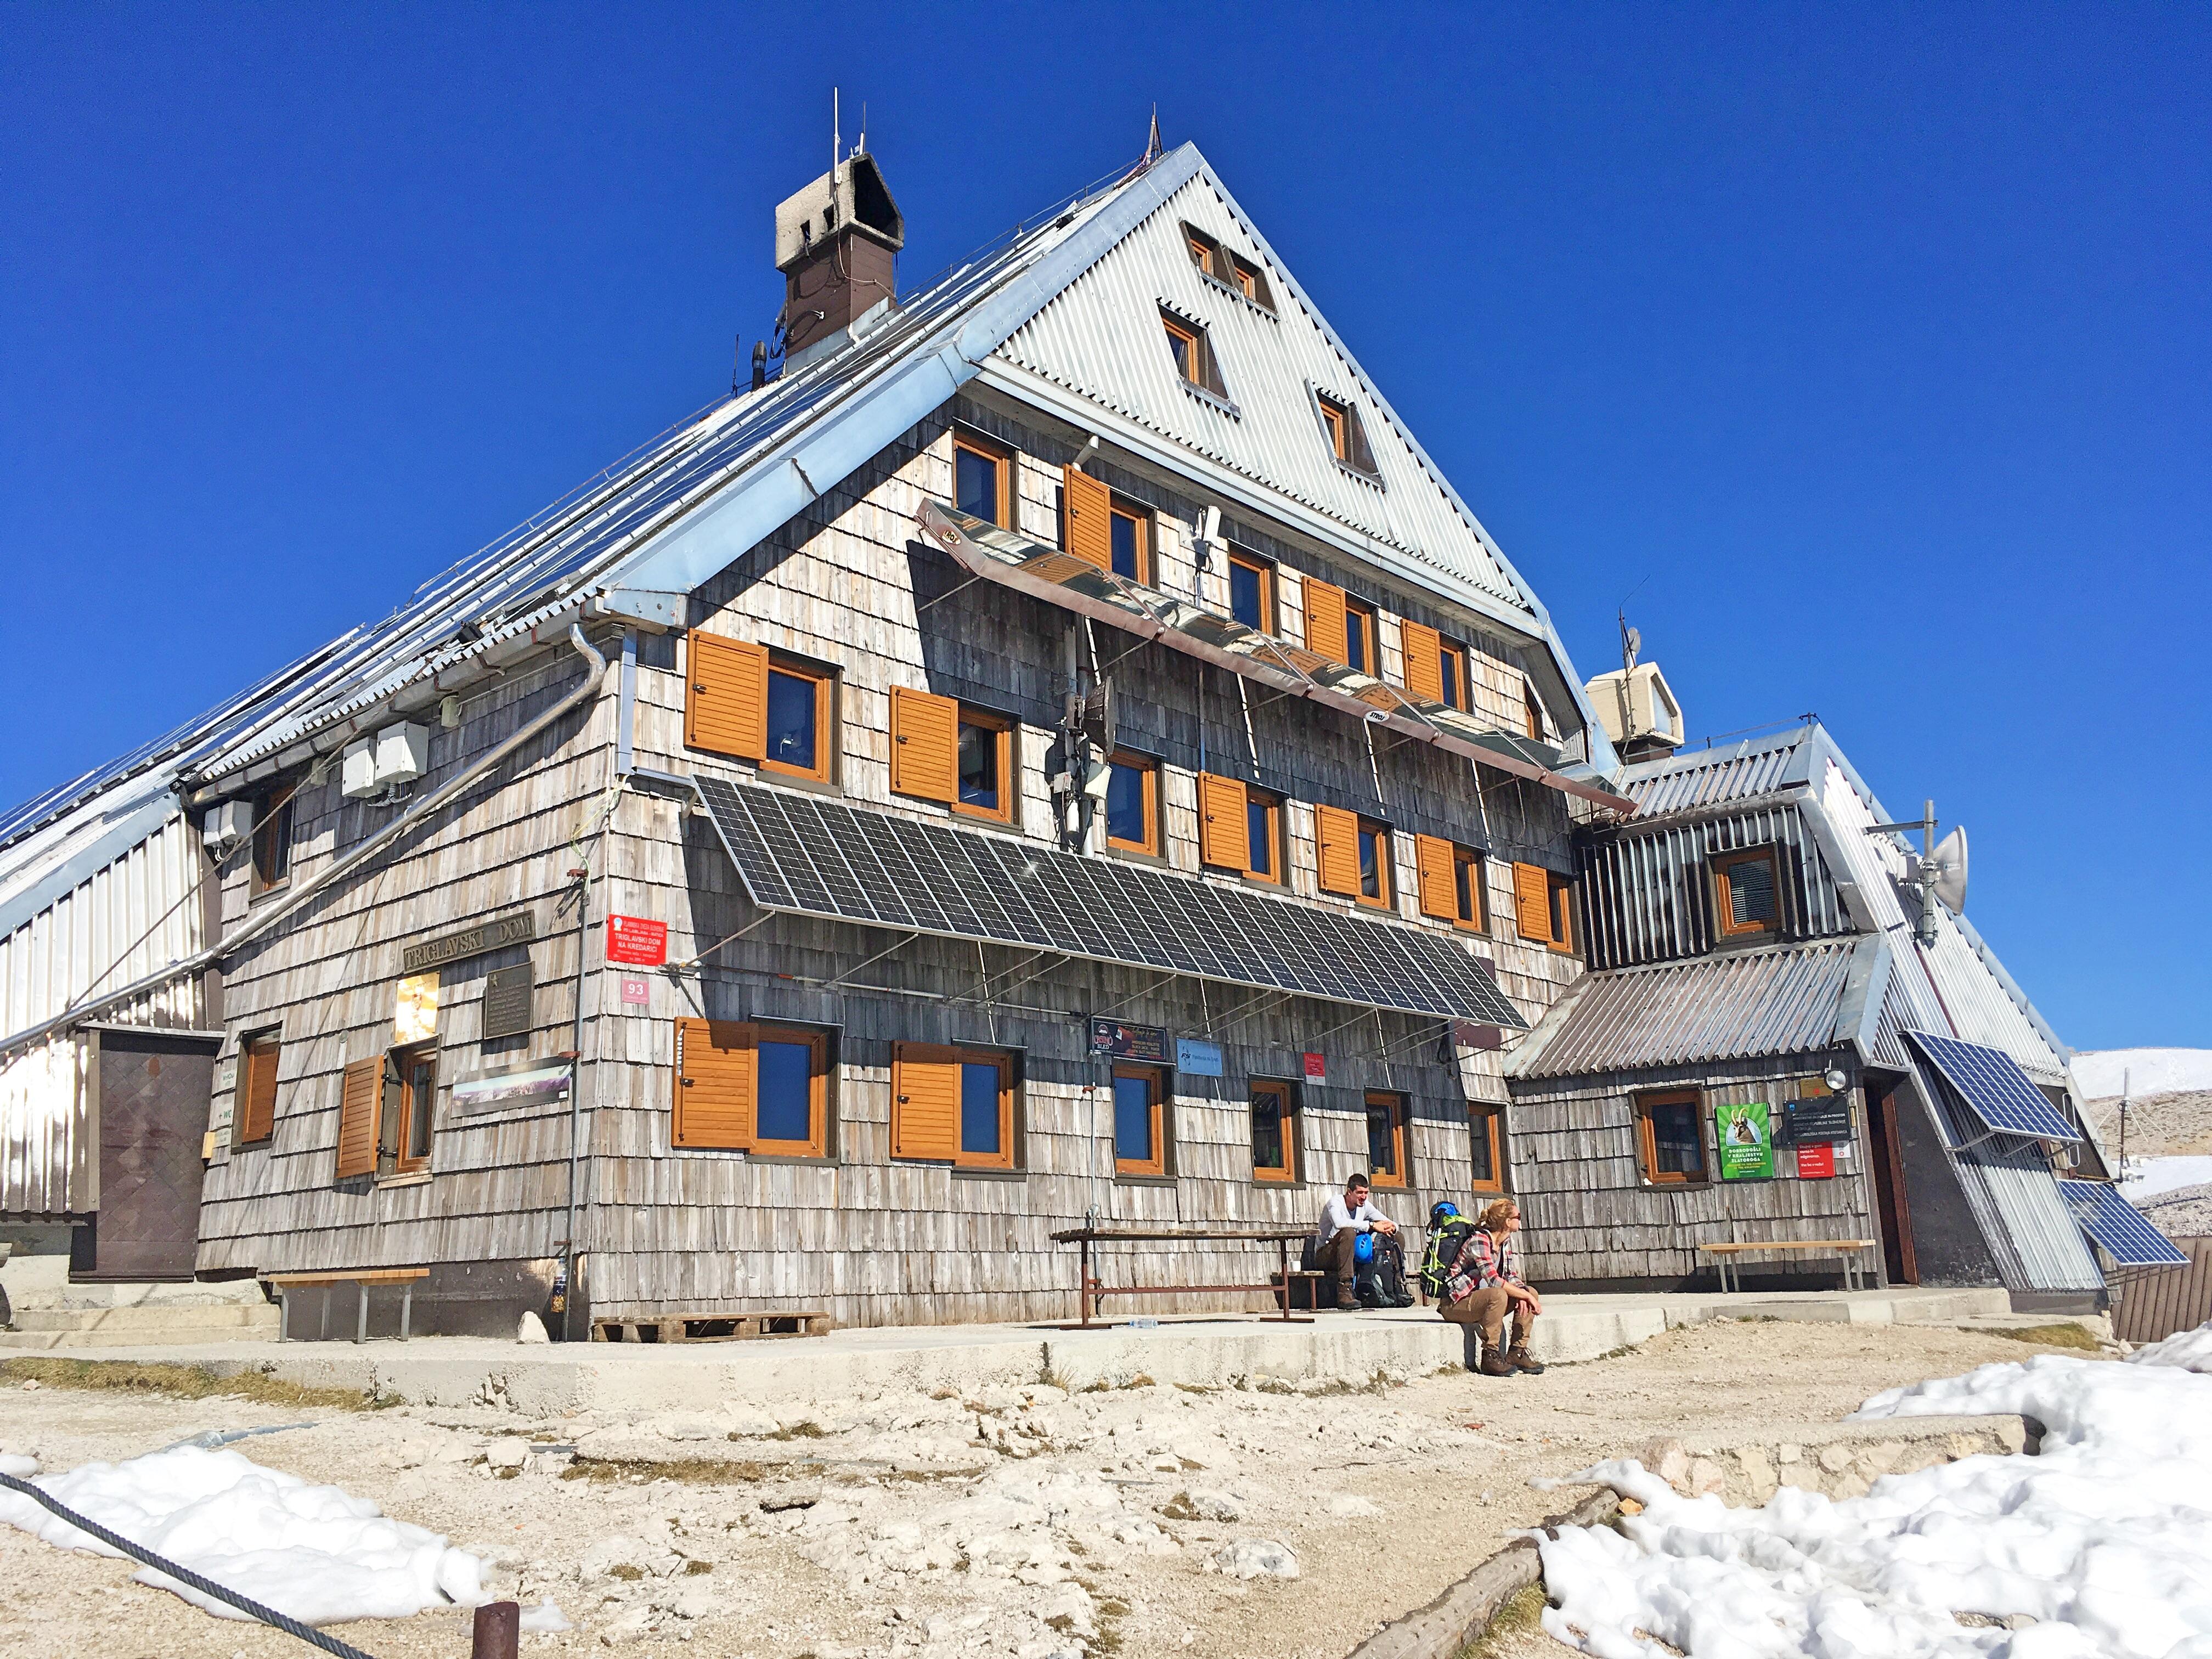 Das Triglav Haus: Ausgangspunkt für die Triglav Gipfelbesteigung.